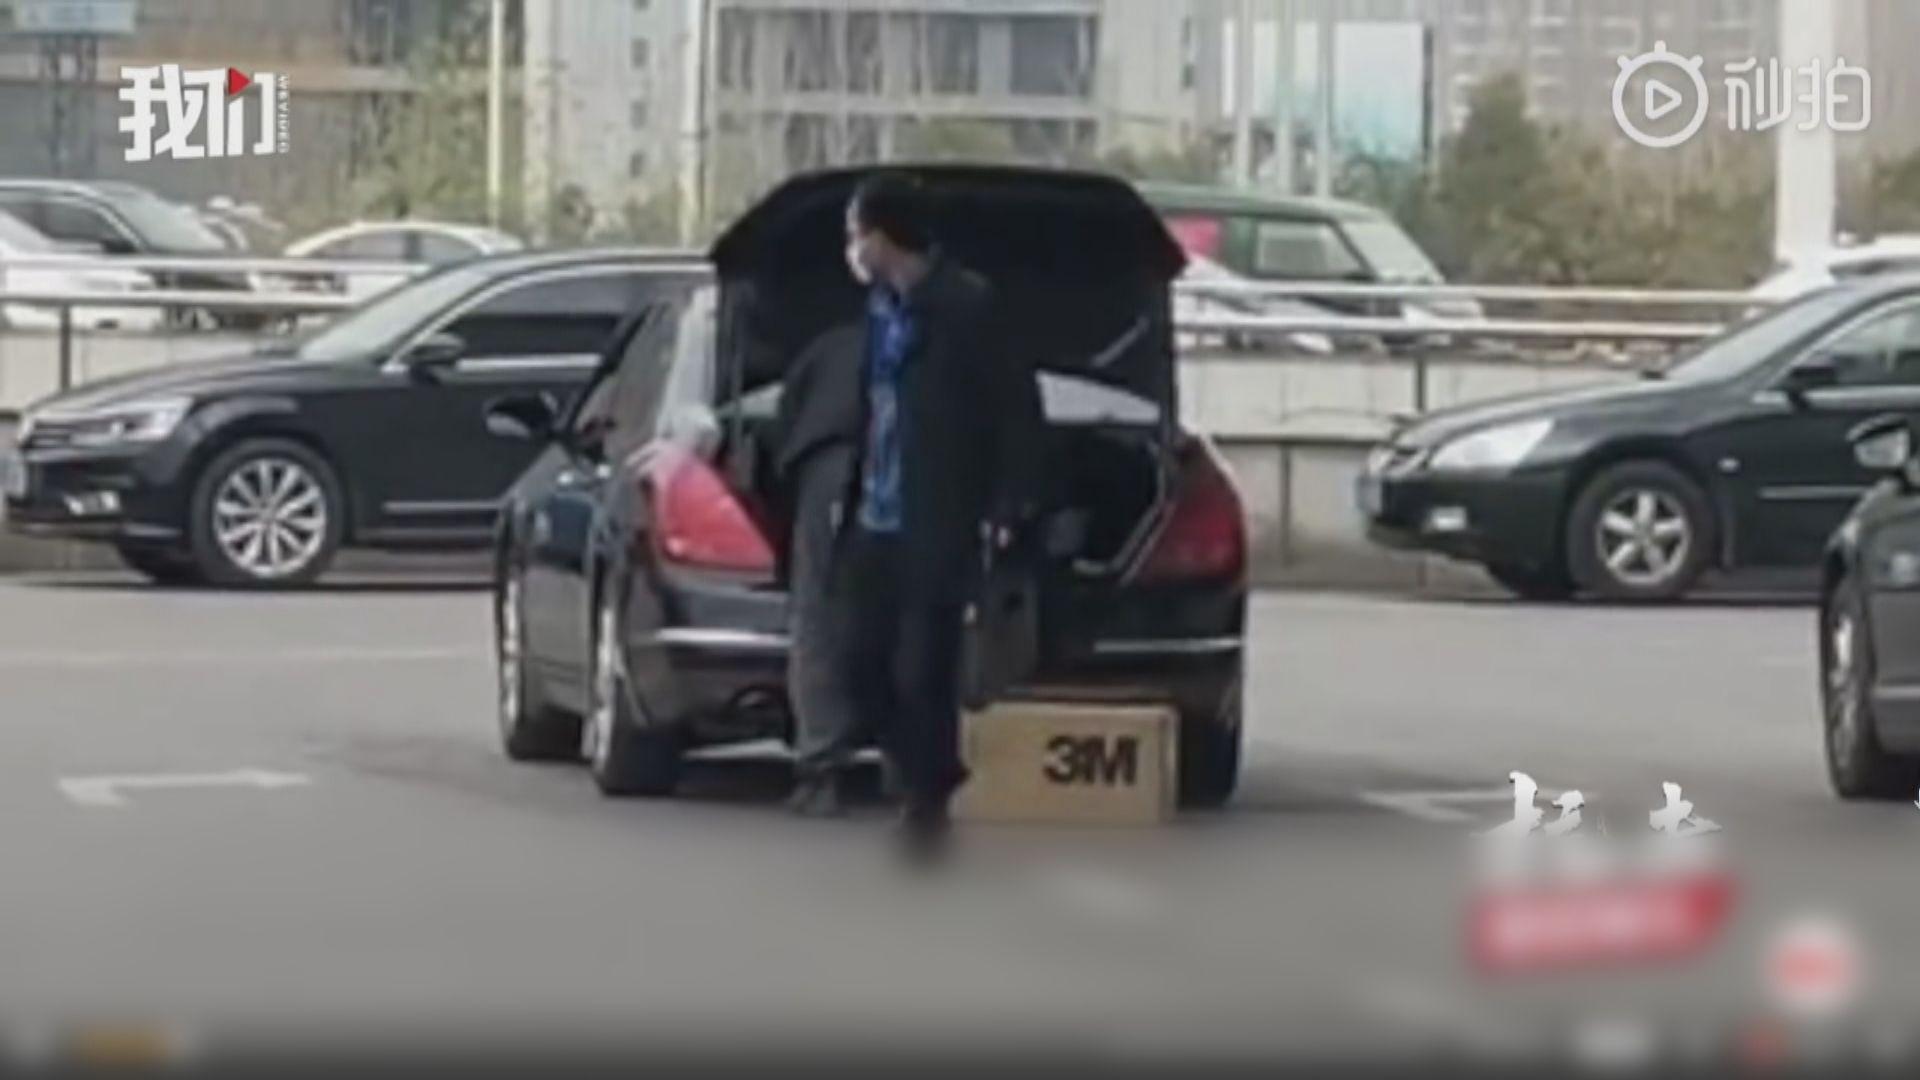 武漢市政府取用紅十字會口罩惹抨擊